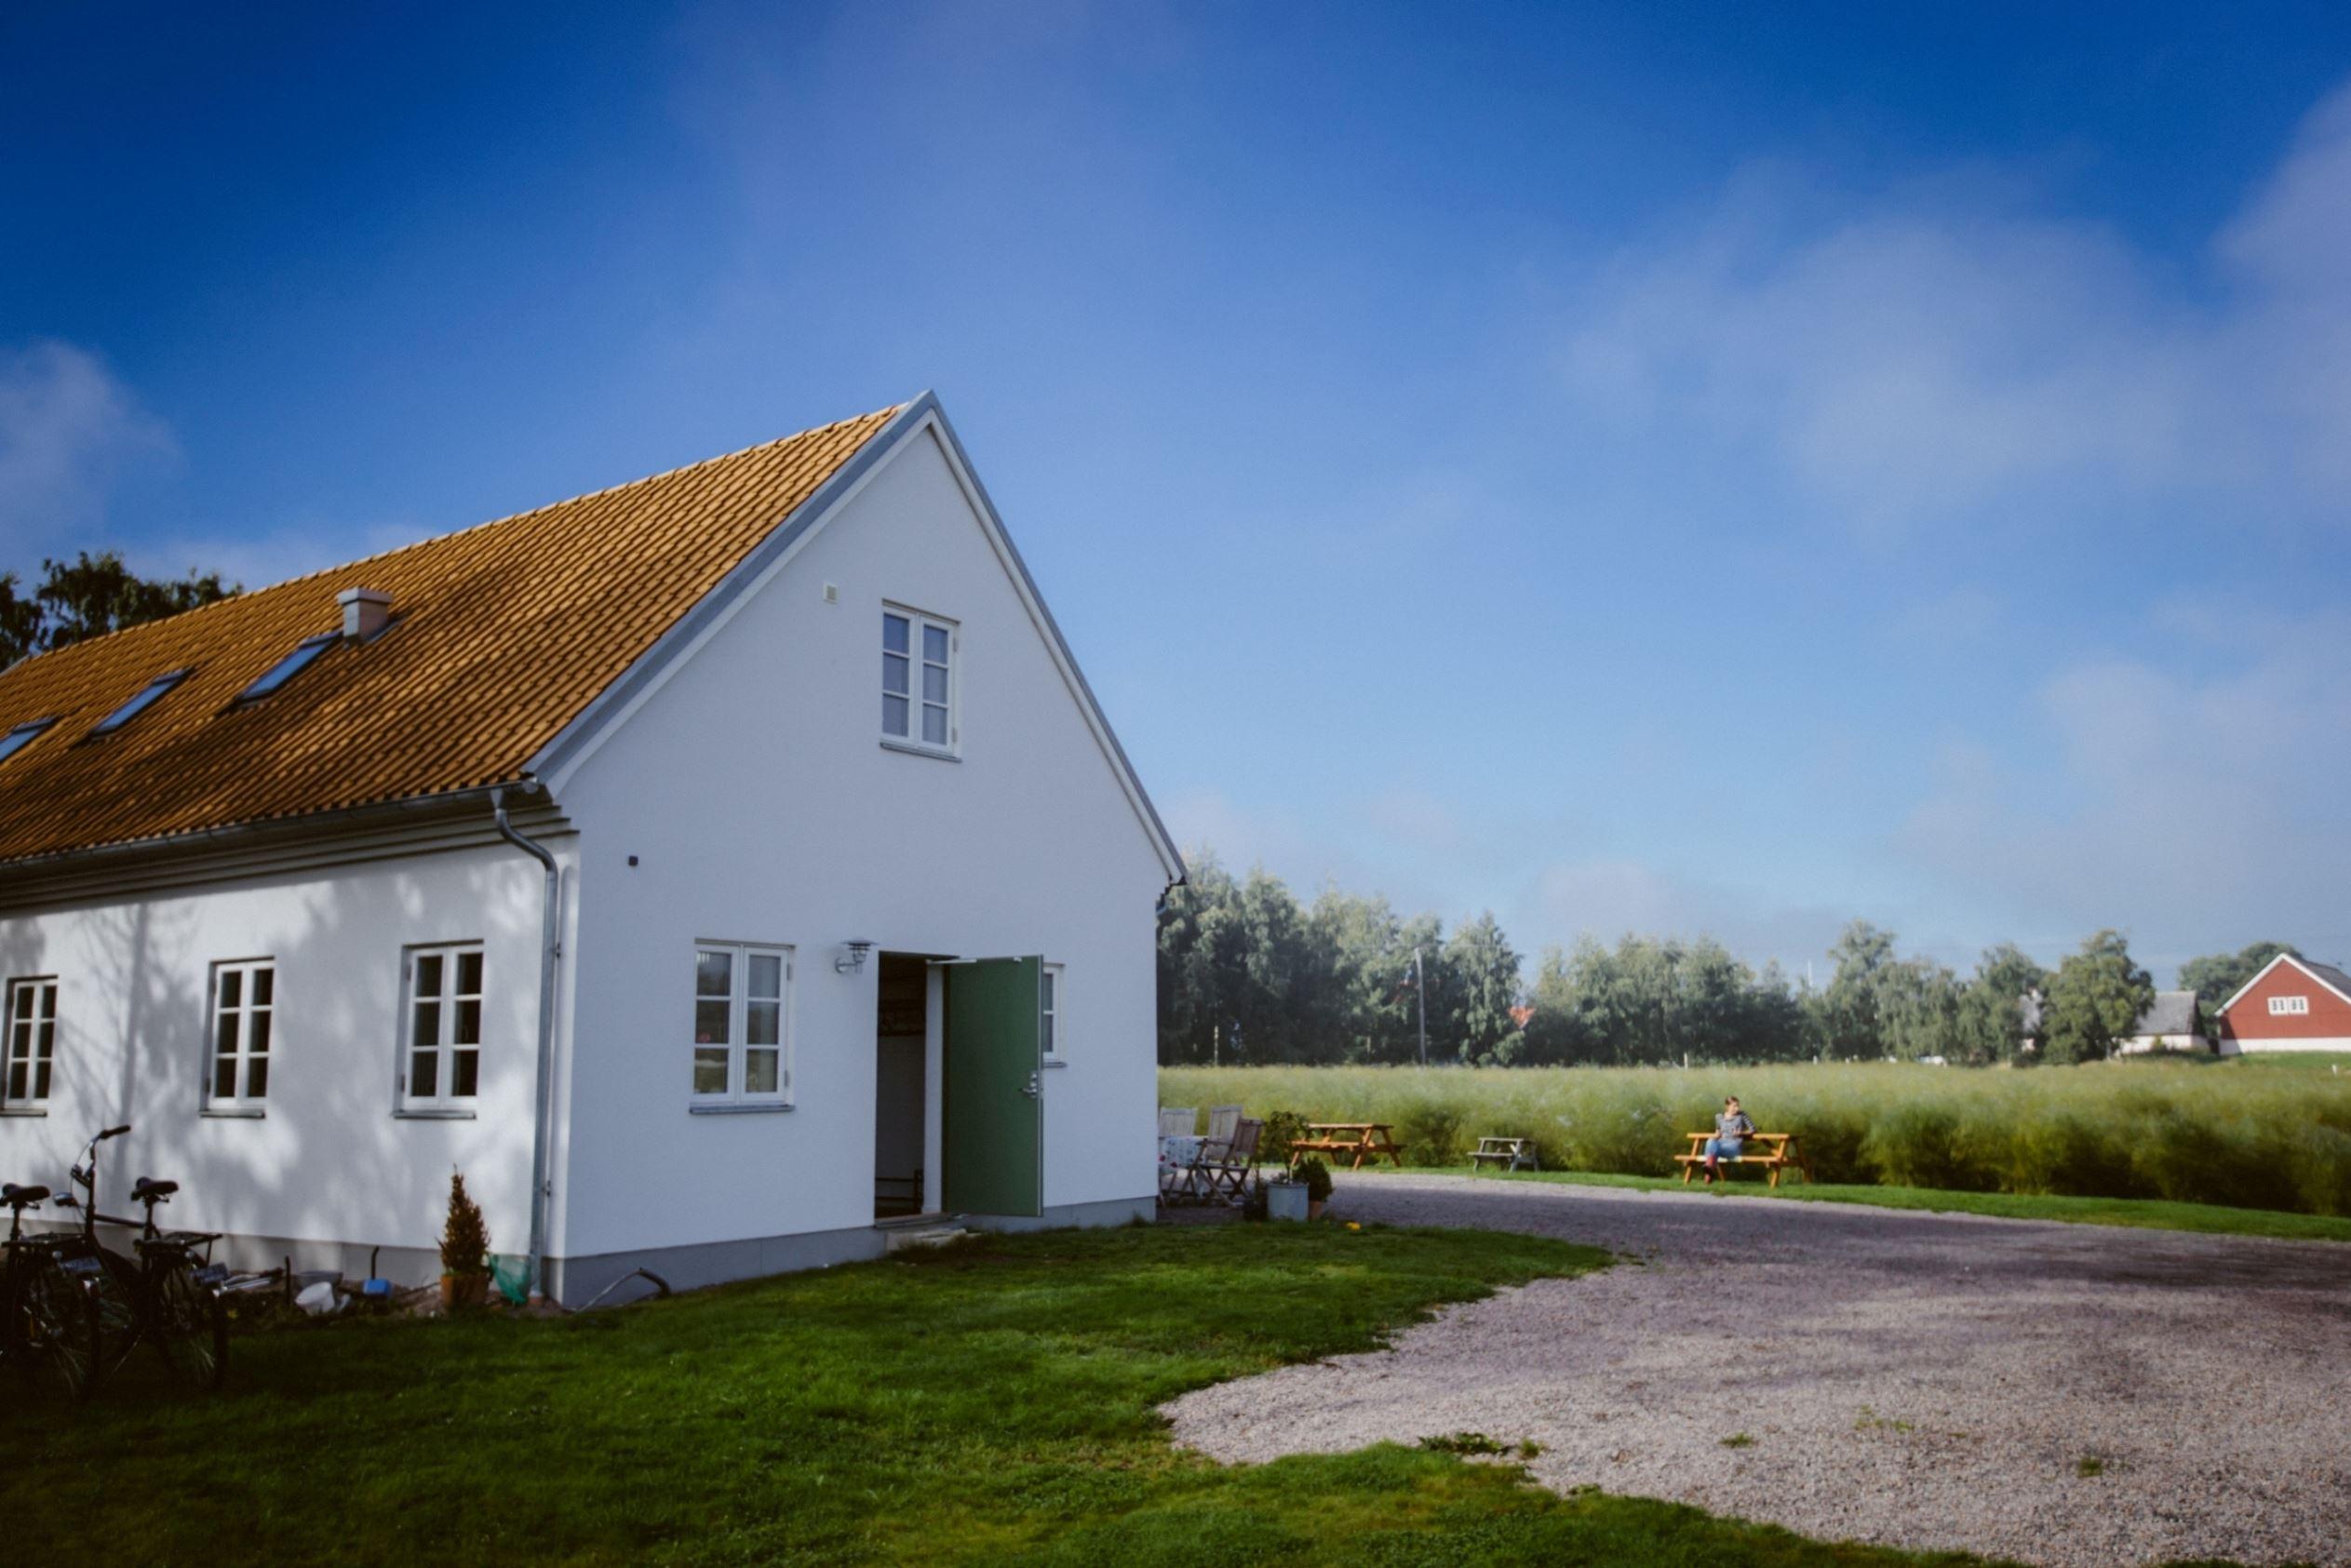 The Asparagus House - cottage/house